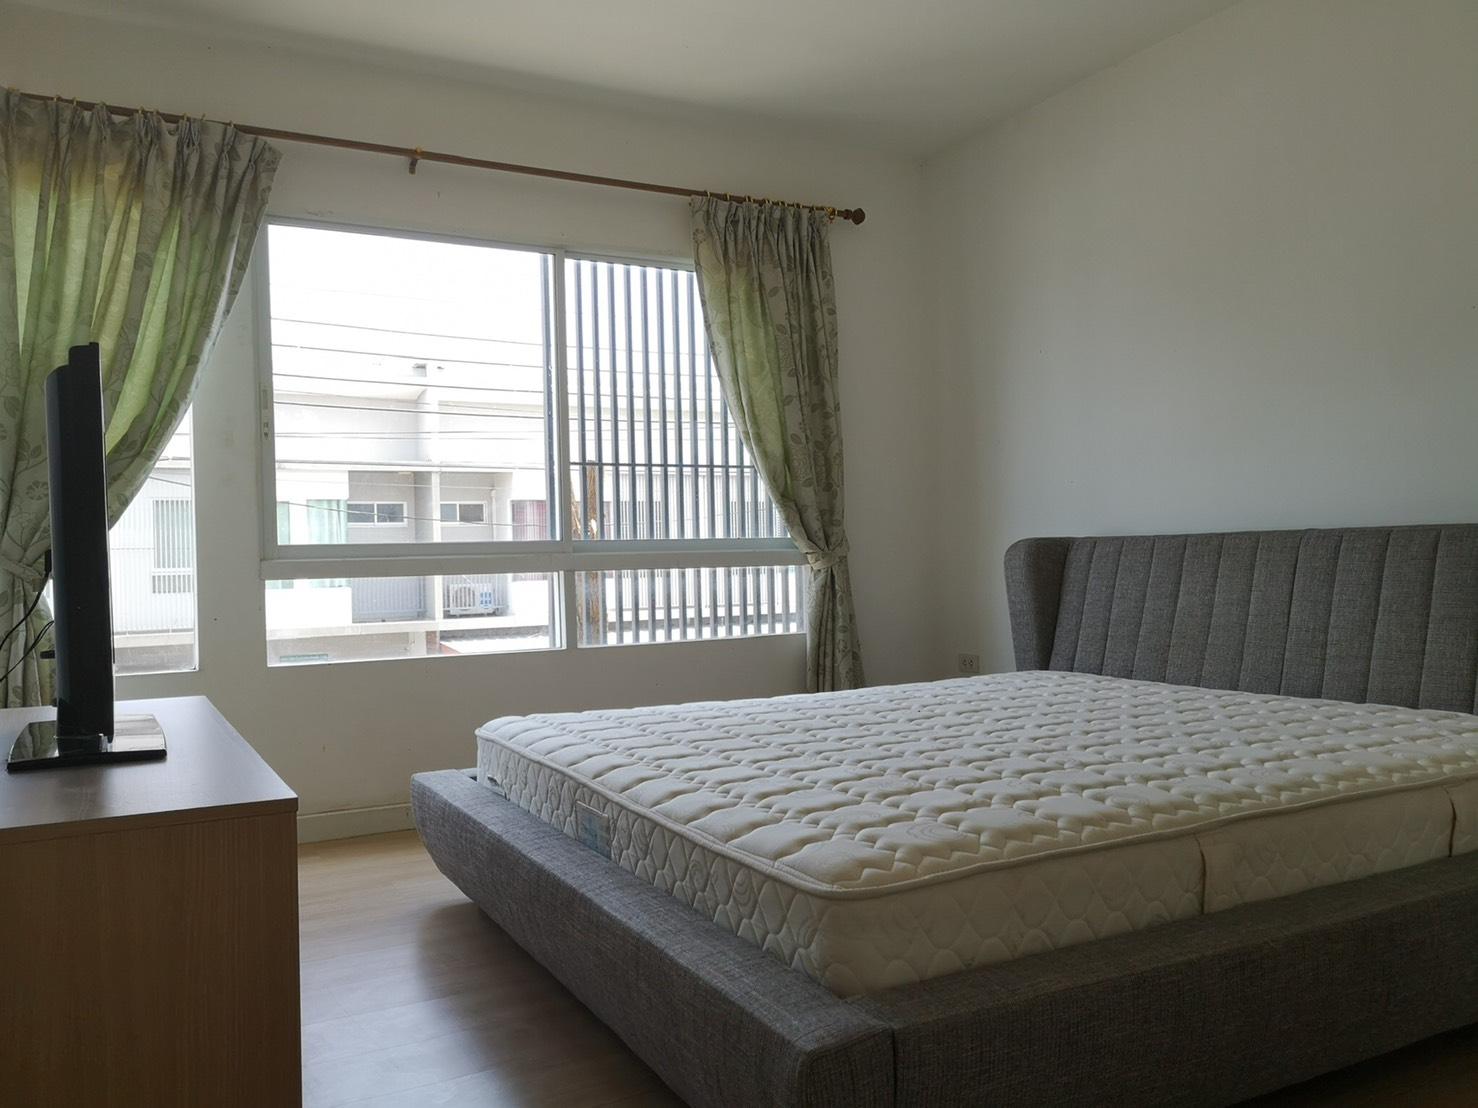 ขายถูก บ้านทาวน์เฮ้าส์ อินดี้  บางนา-สวรรณภูมิ 2 ห้องนอน 3 ห้องน้ำใกล้ ABAC บางนา (พร้อมผู้เช่า)